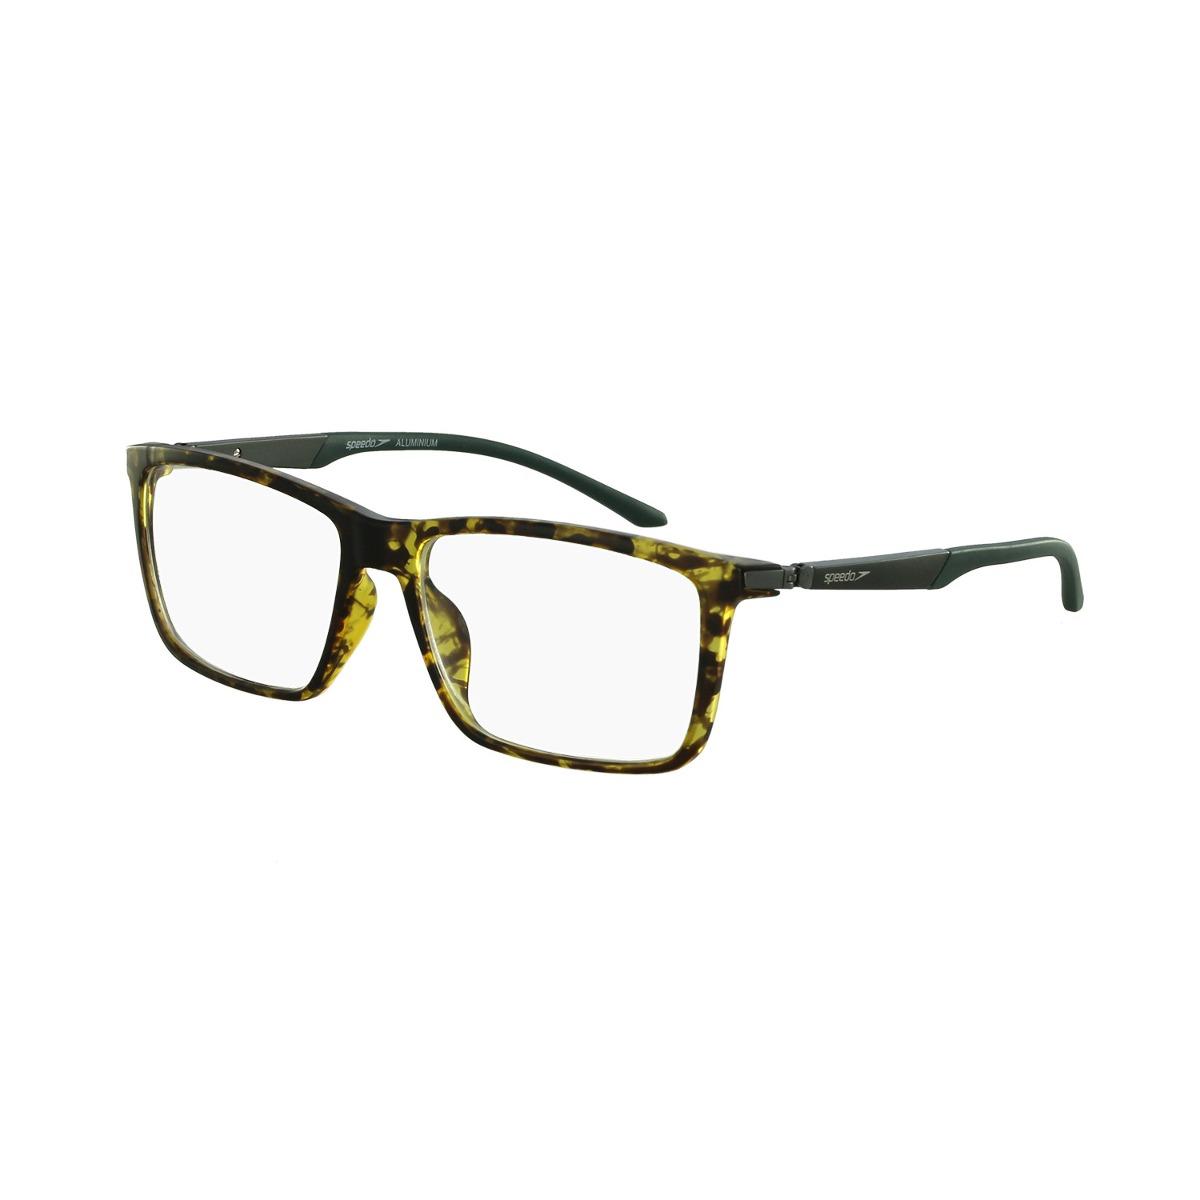 26347bbe46329 Óculos De Grau Speedo Casual Marrom - R  324,00 em Mercado Livre